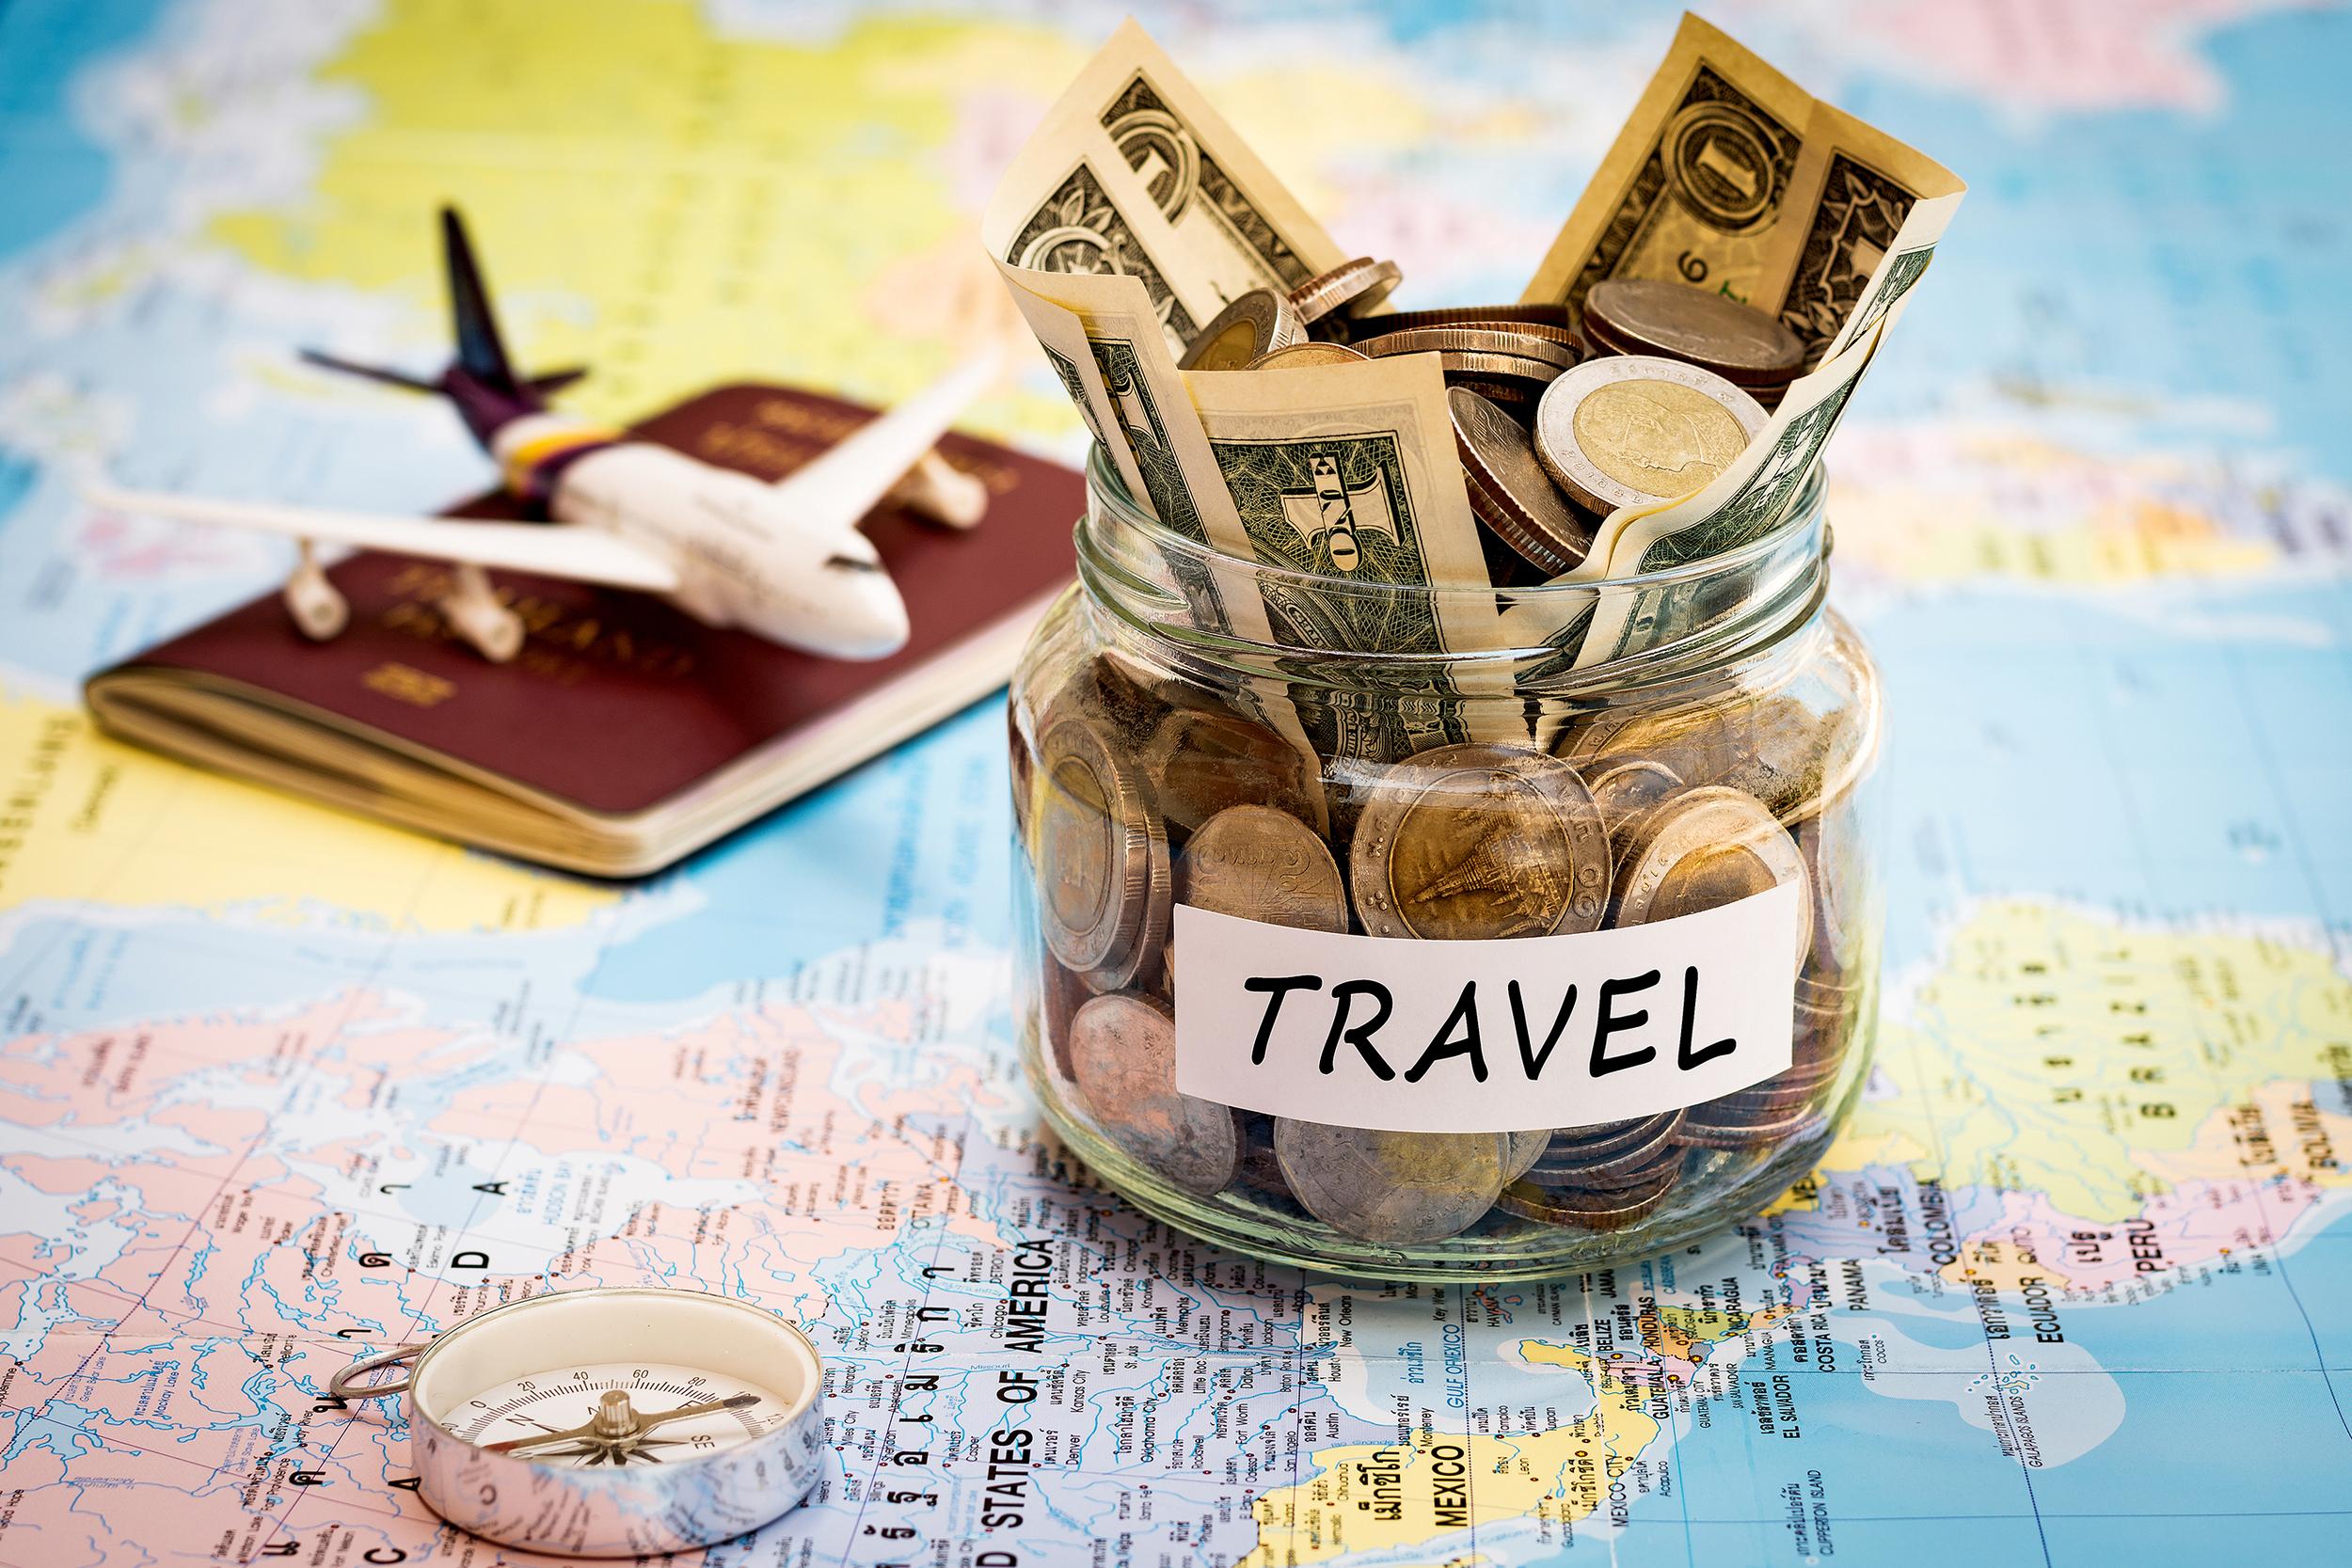 Money, passport and map